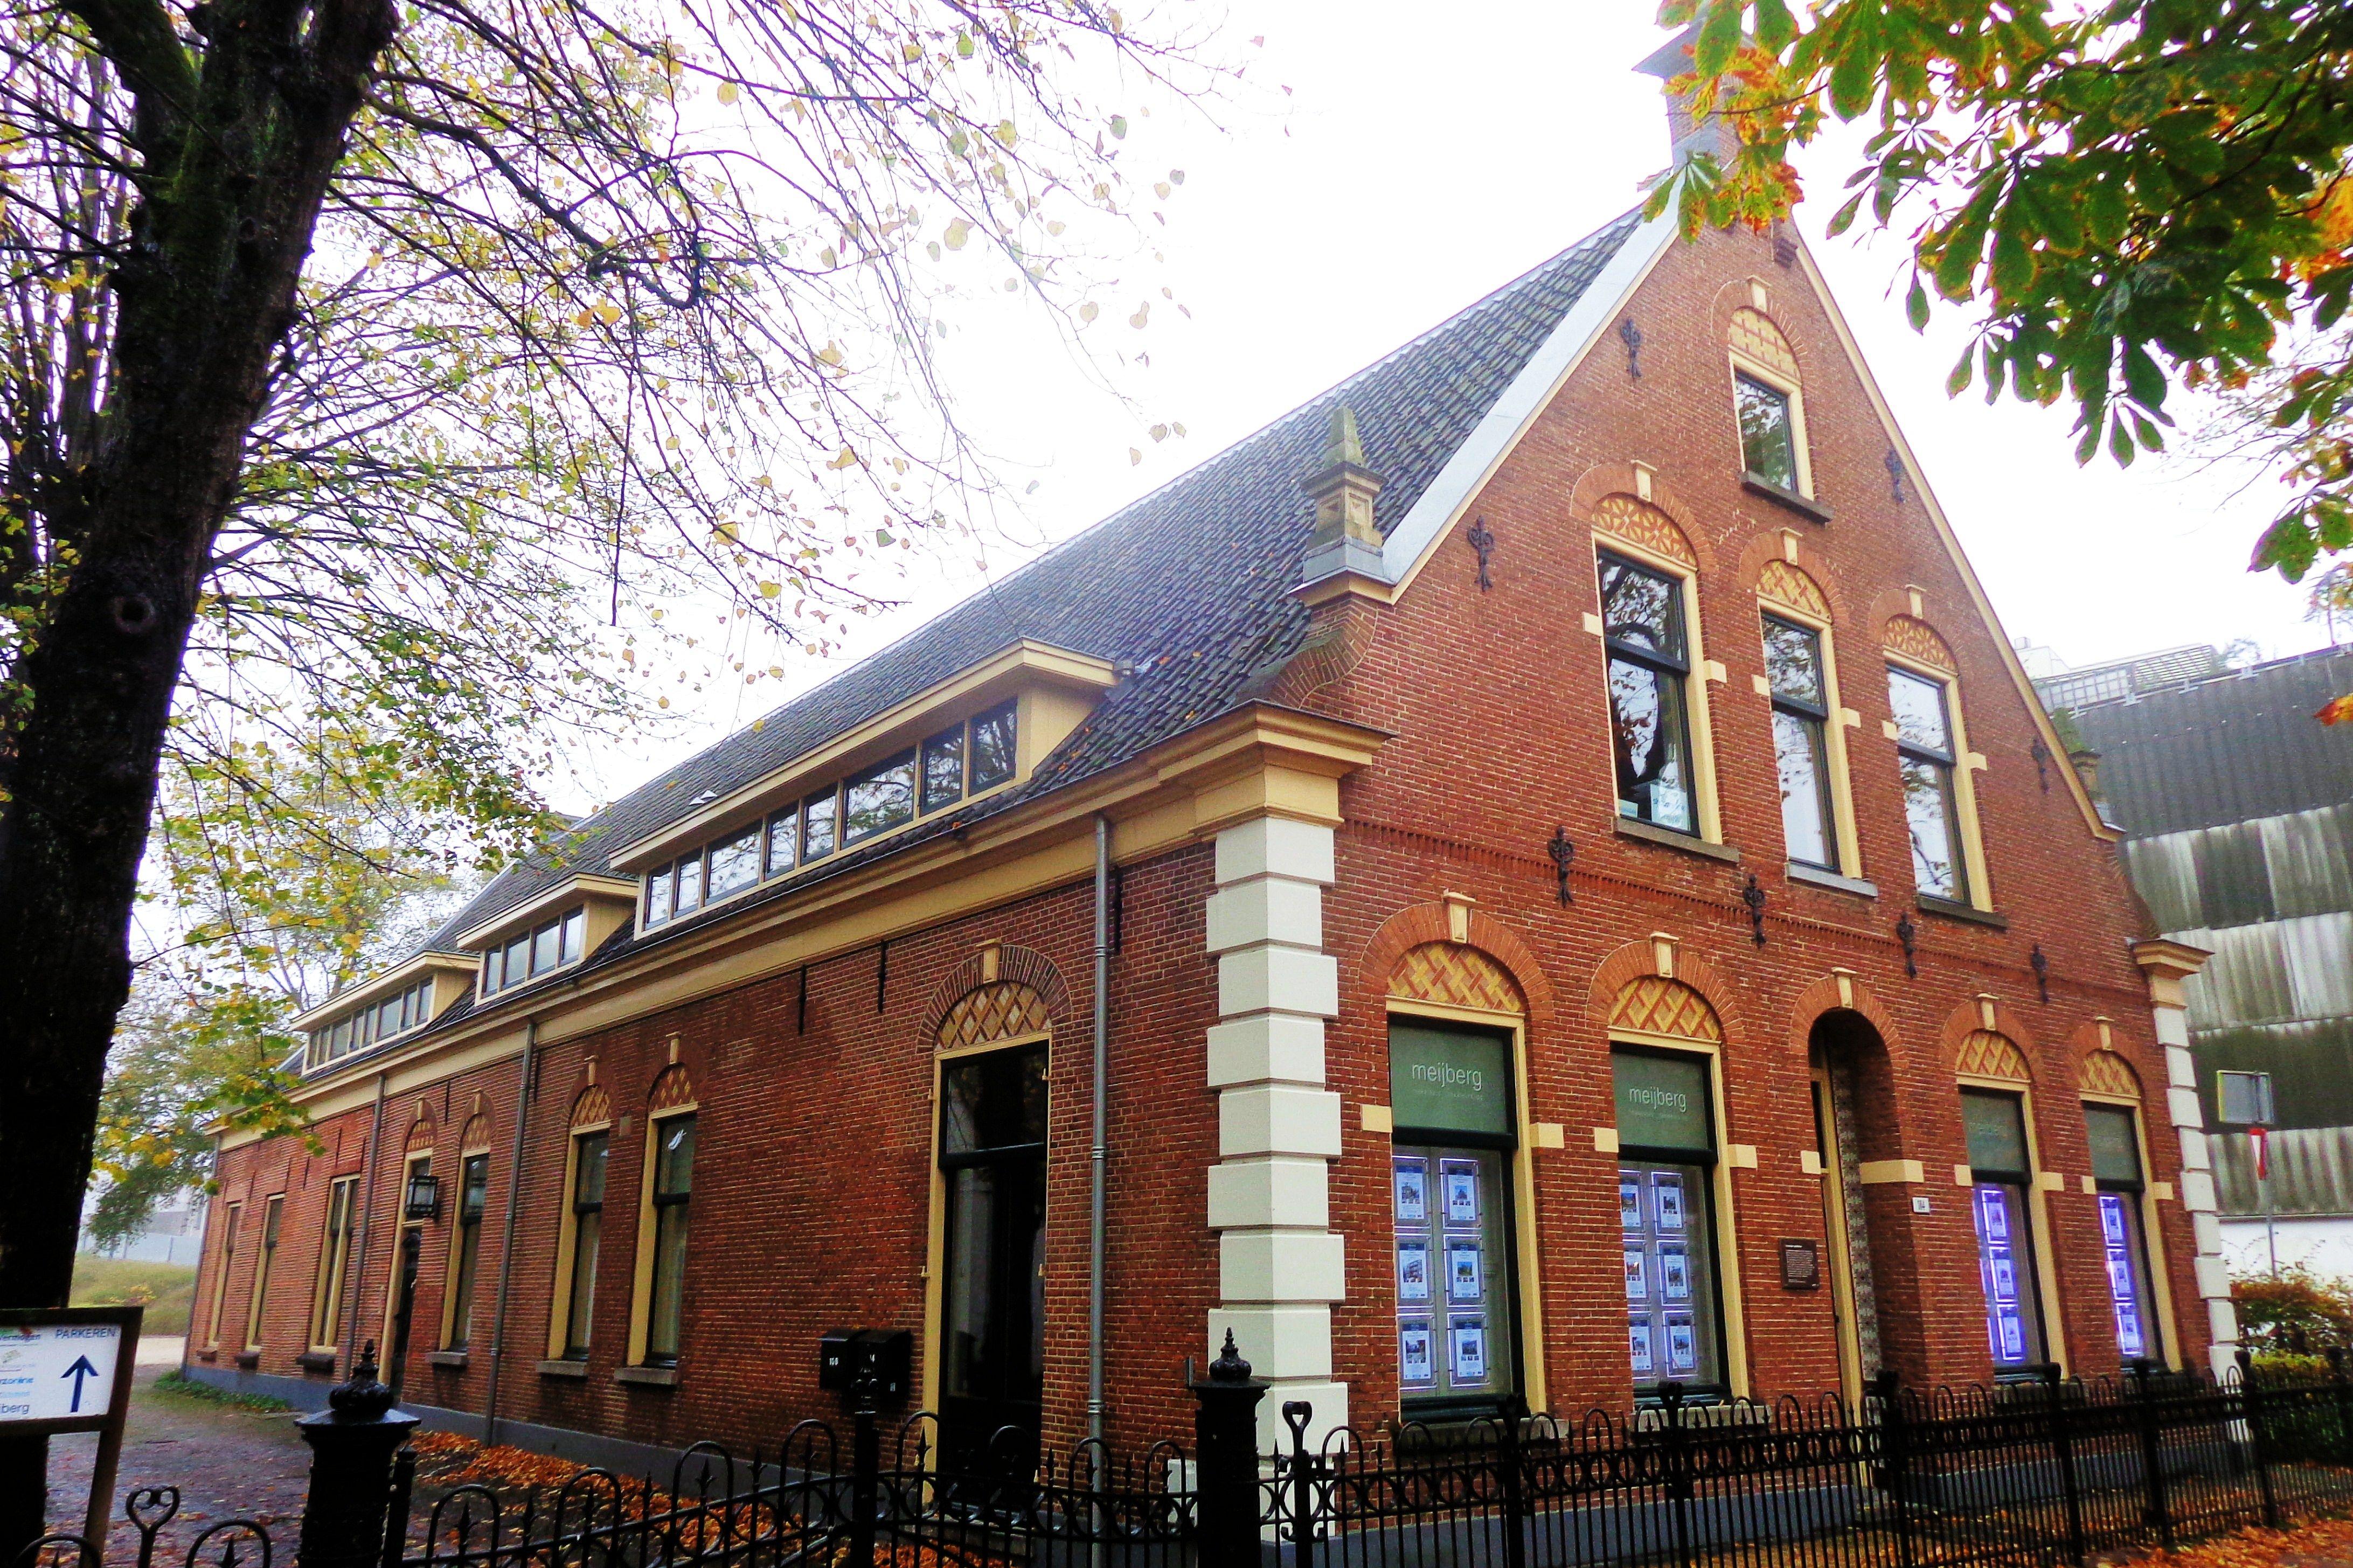 In dit pand begon in 1918 de Nederlandse Seintoestellen Fabriek. Het complex, thans rijksmonument, wordt daarom beschouwd als de bakermat van Hilversum als mediastad. Eerder was hier achter de woning van de ondernemer een tapijtfabriek gevestigd. Ook heeft het pand dienst gedaan als leeszaal.